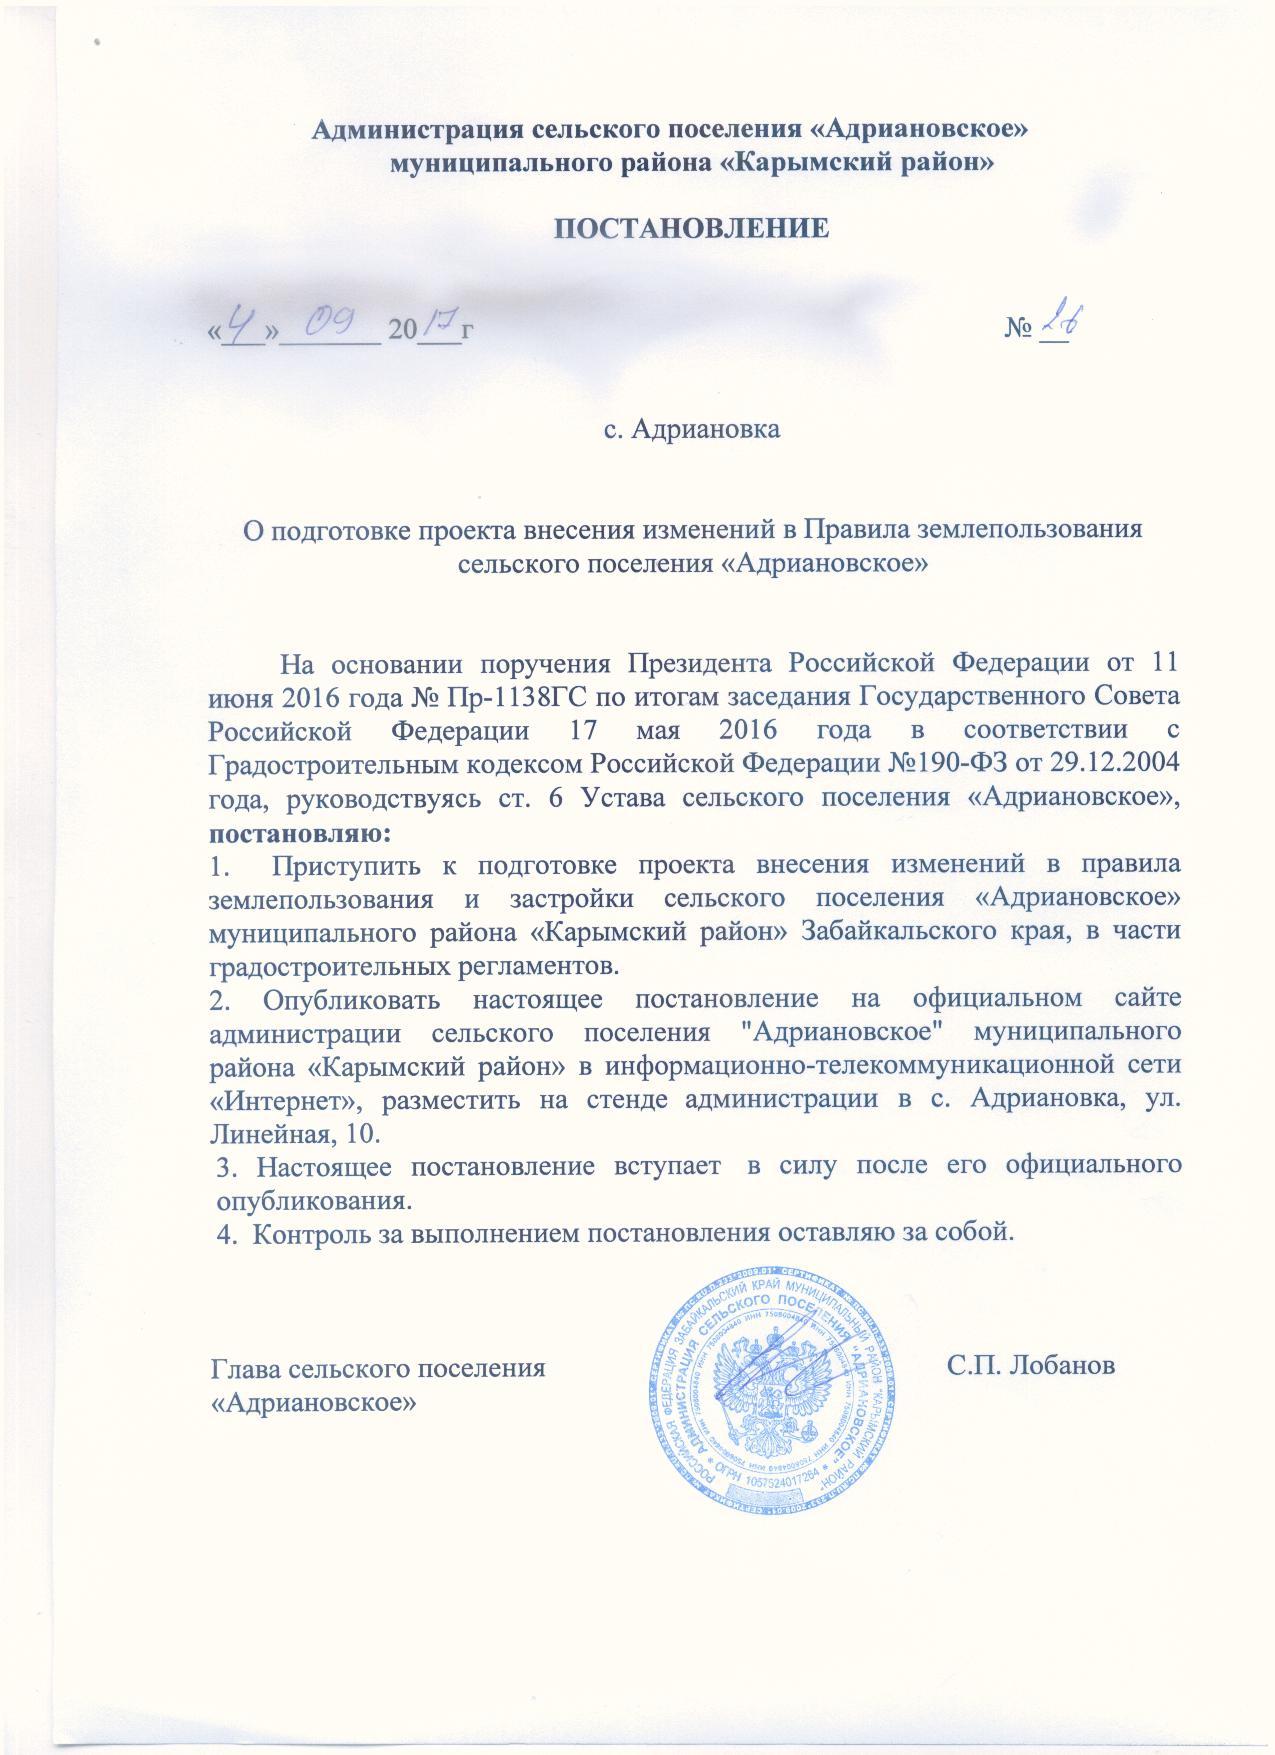 сп Адриановское внес изм в ПЗЗ